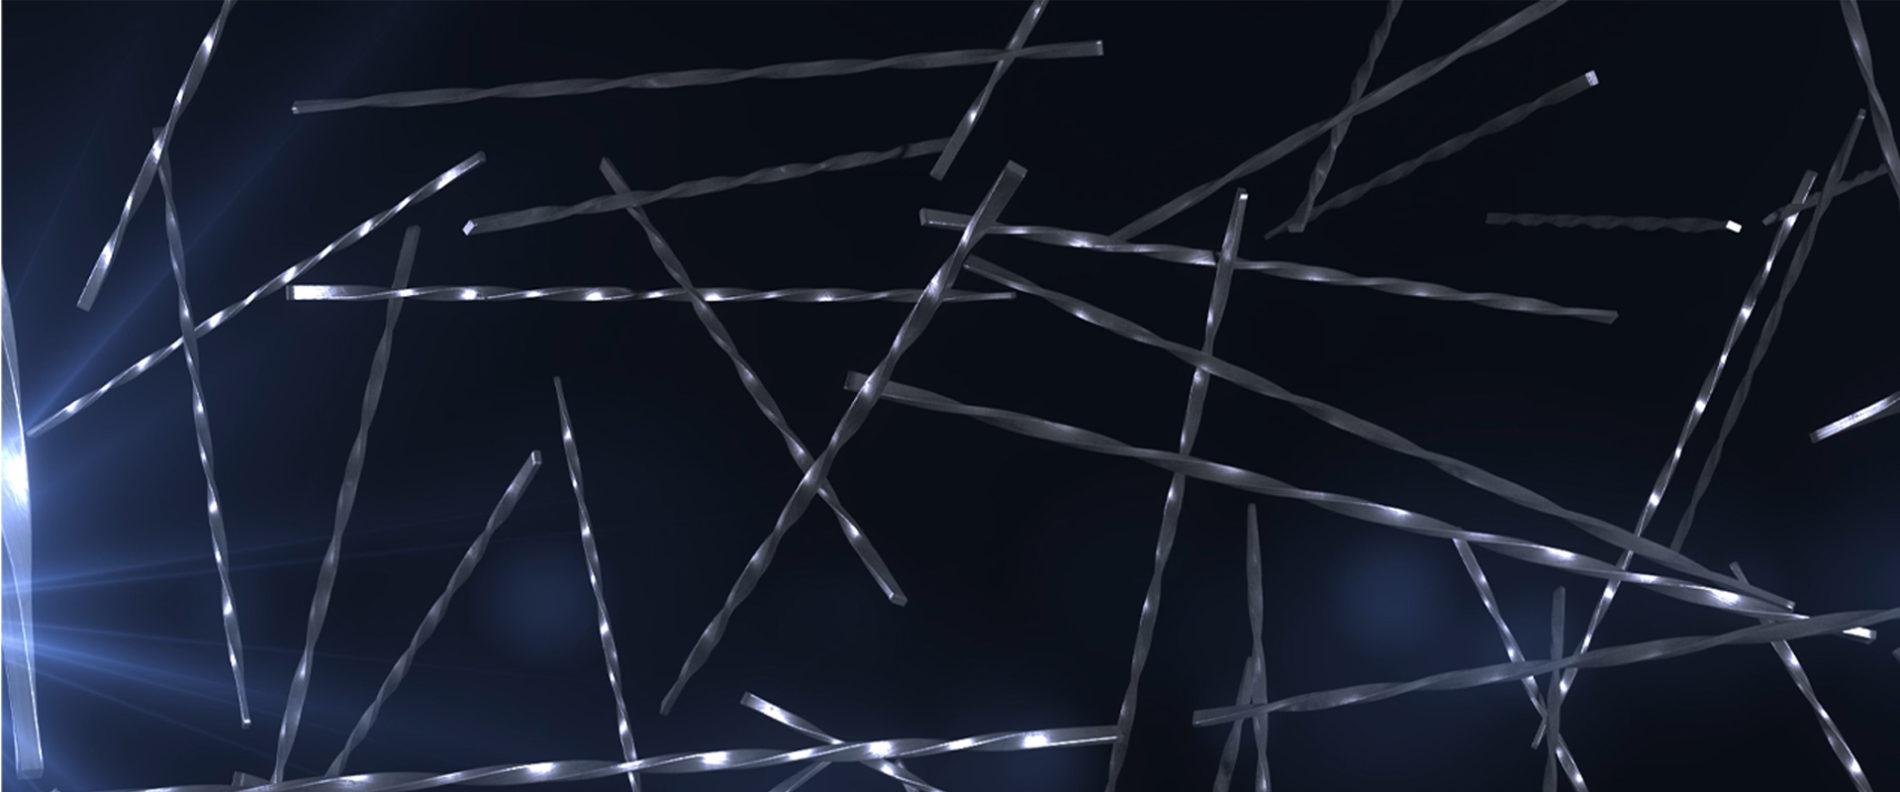 Webinar - Helix Steel